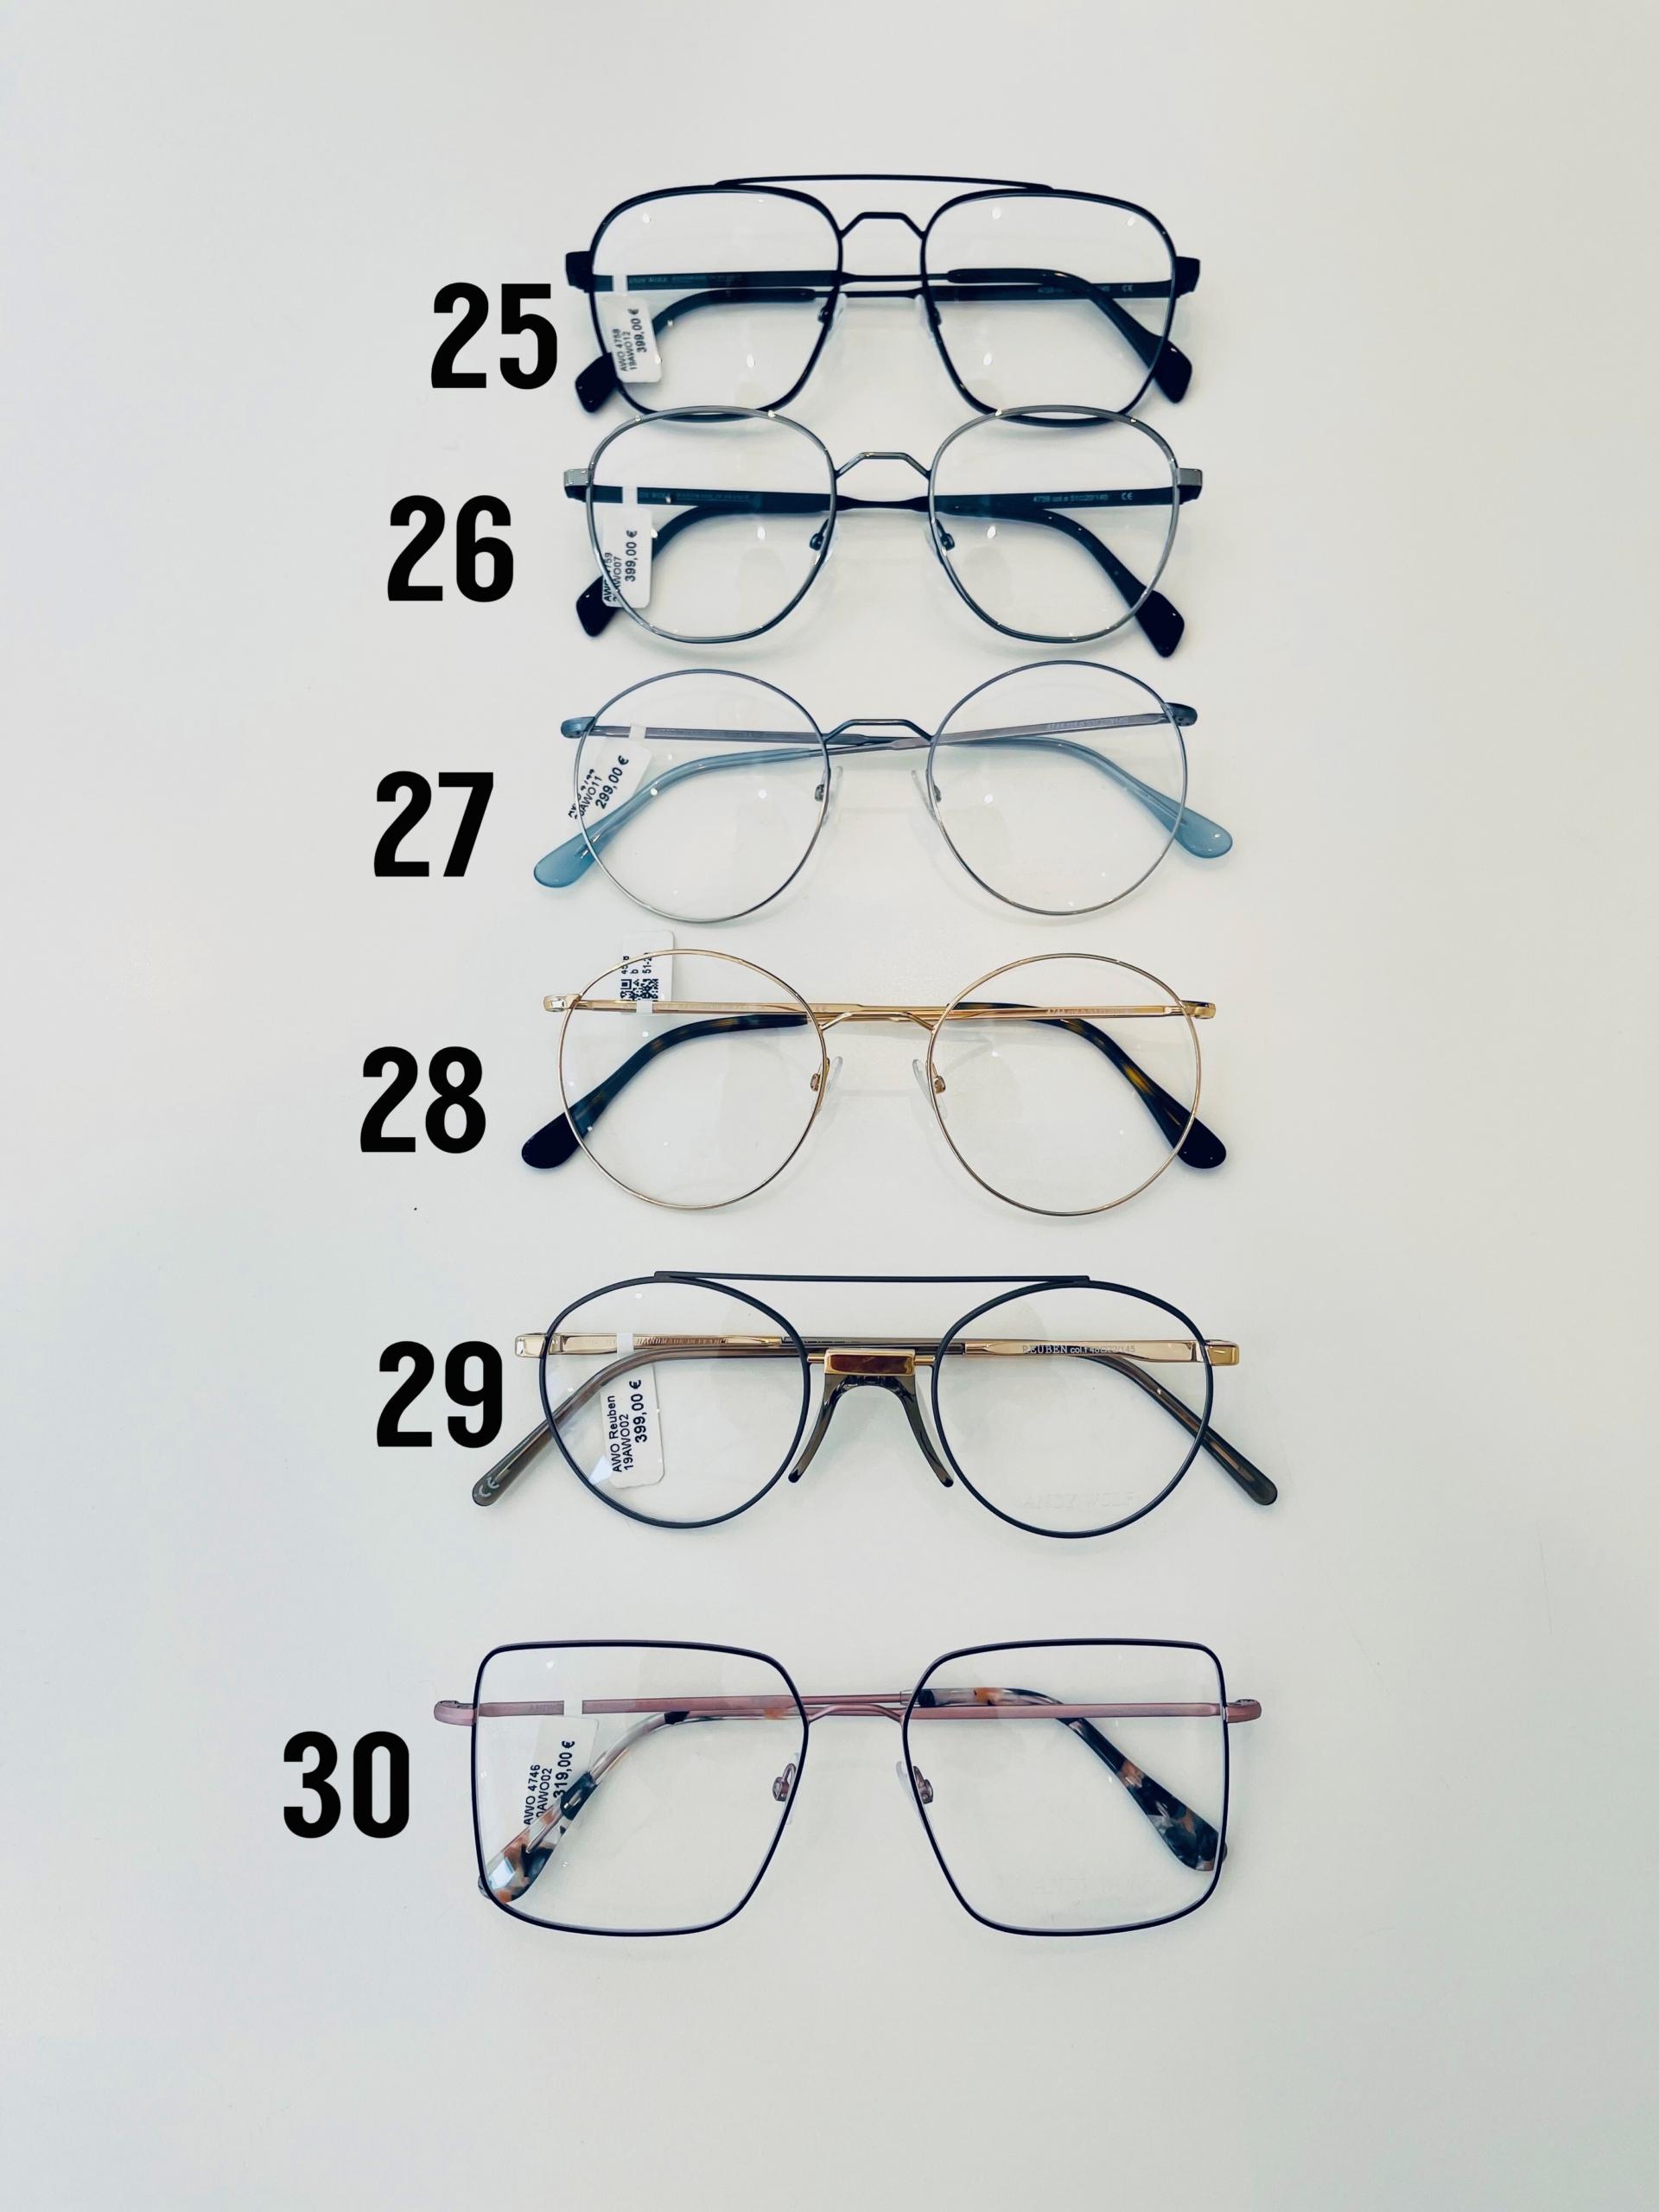 Optiker Augensache Brille Sonnenbrille Friedberg_31032021_6